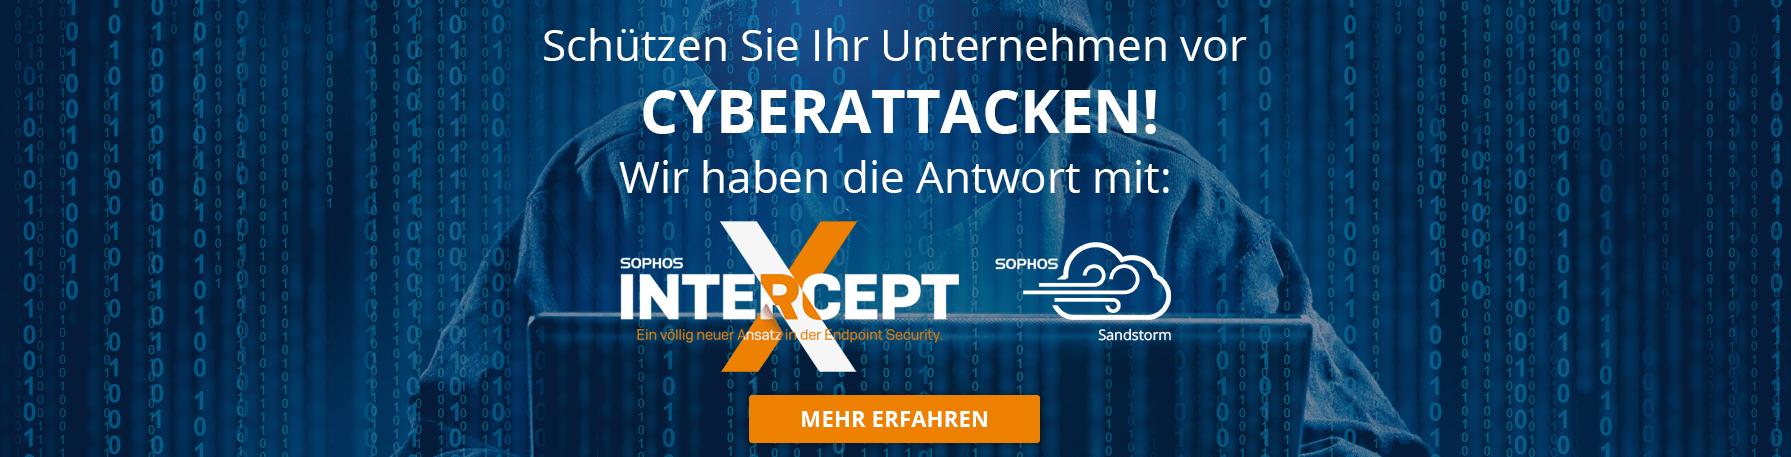 Schützen Sie Ihr Unternehmen durch Cyberattacken-Slogan